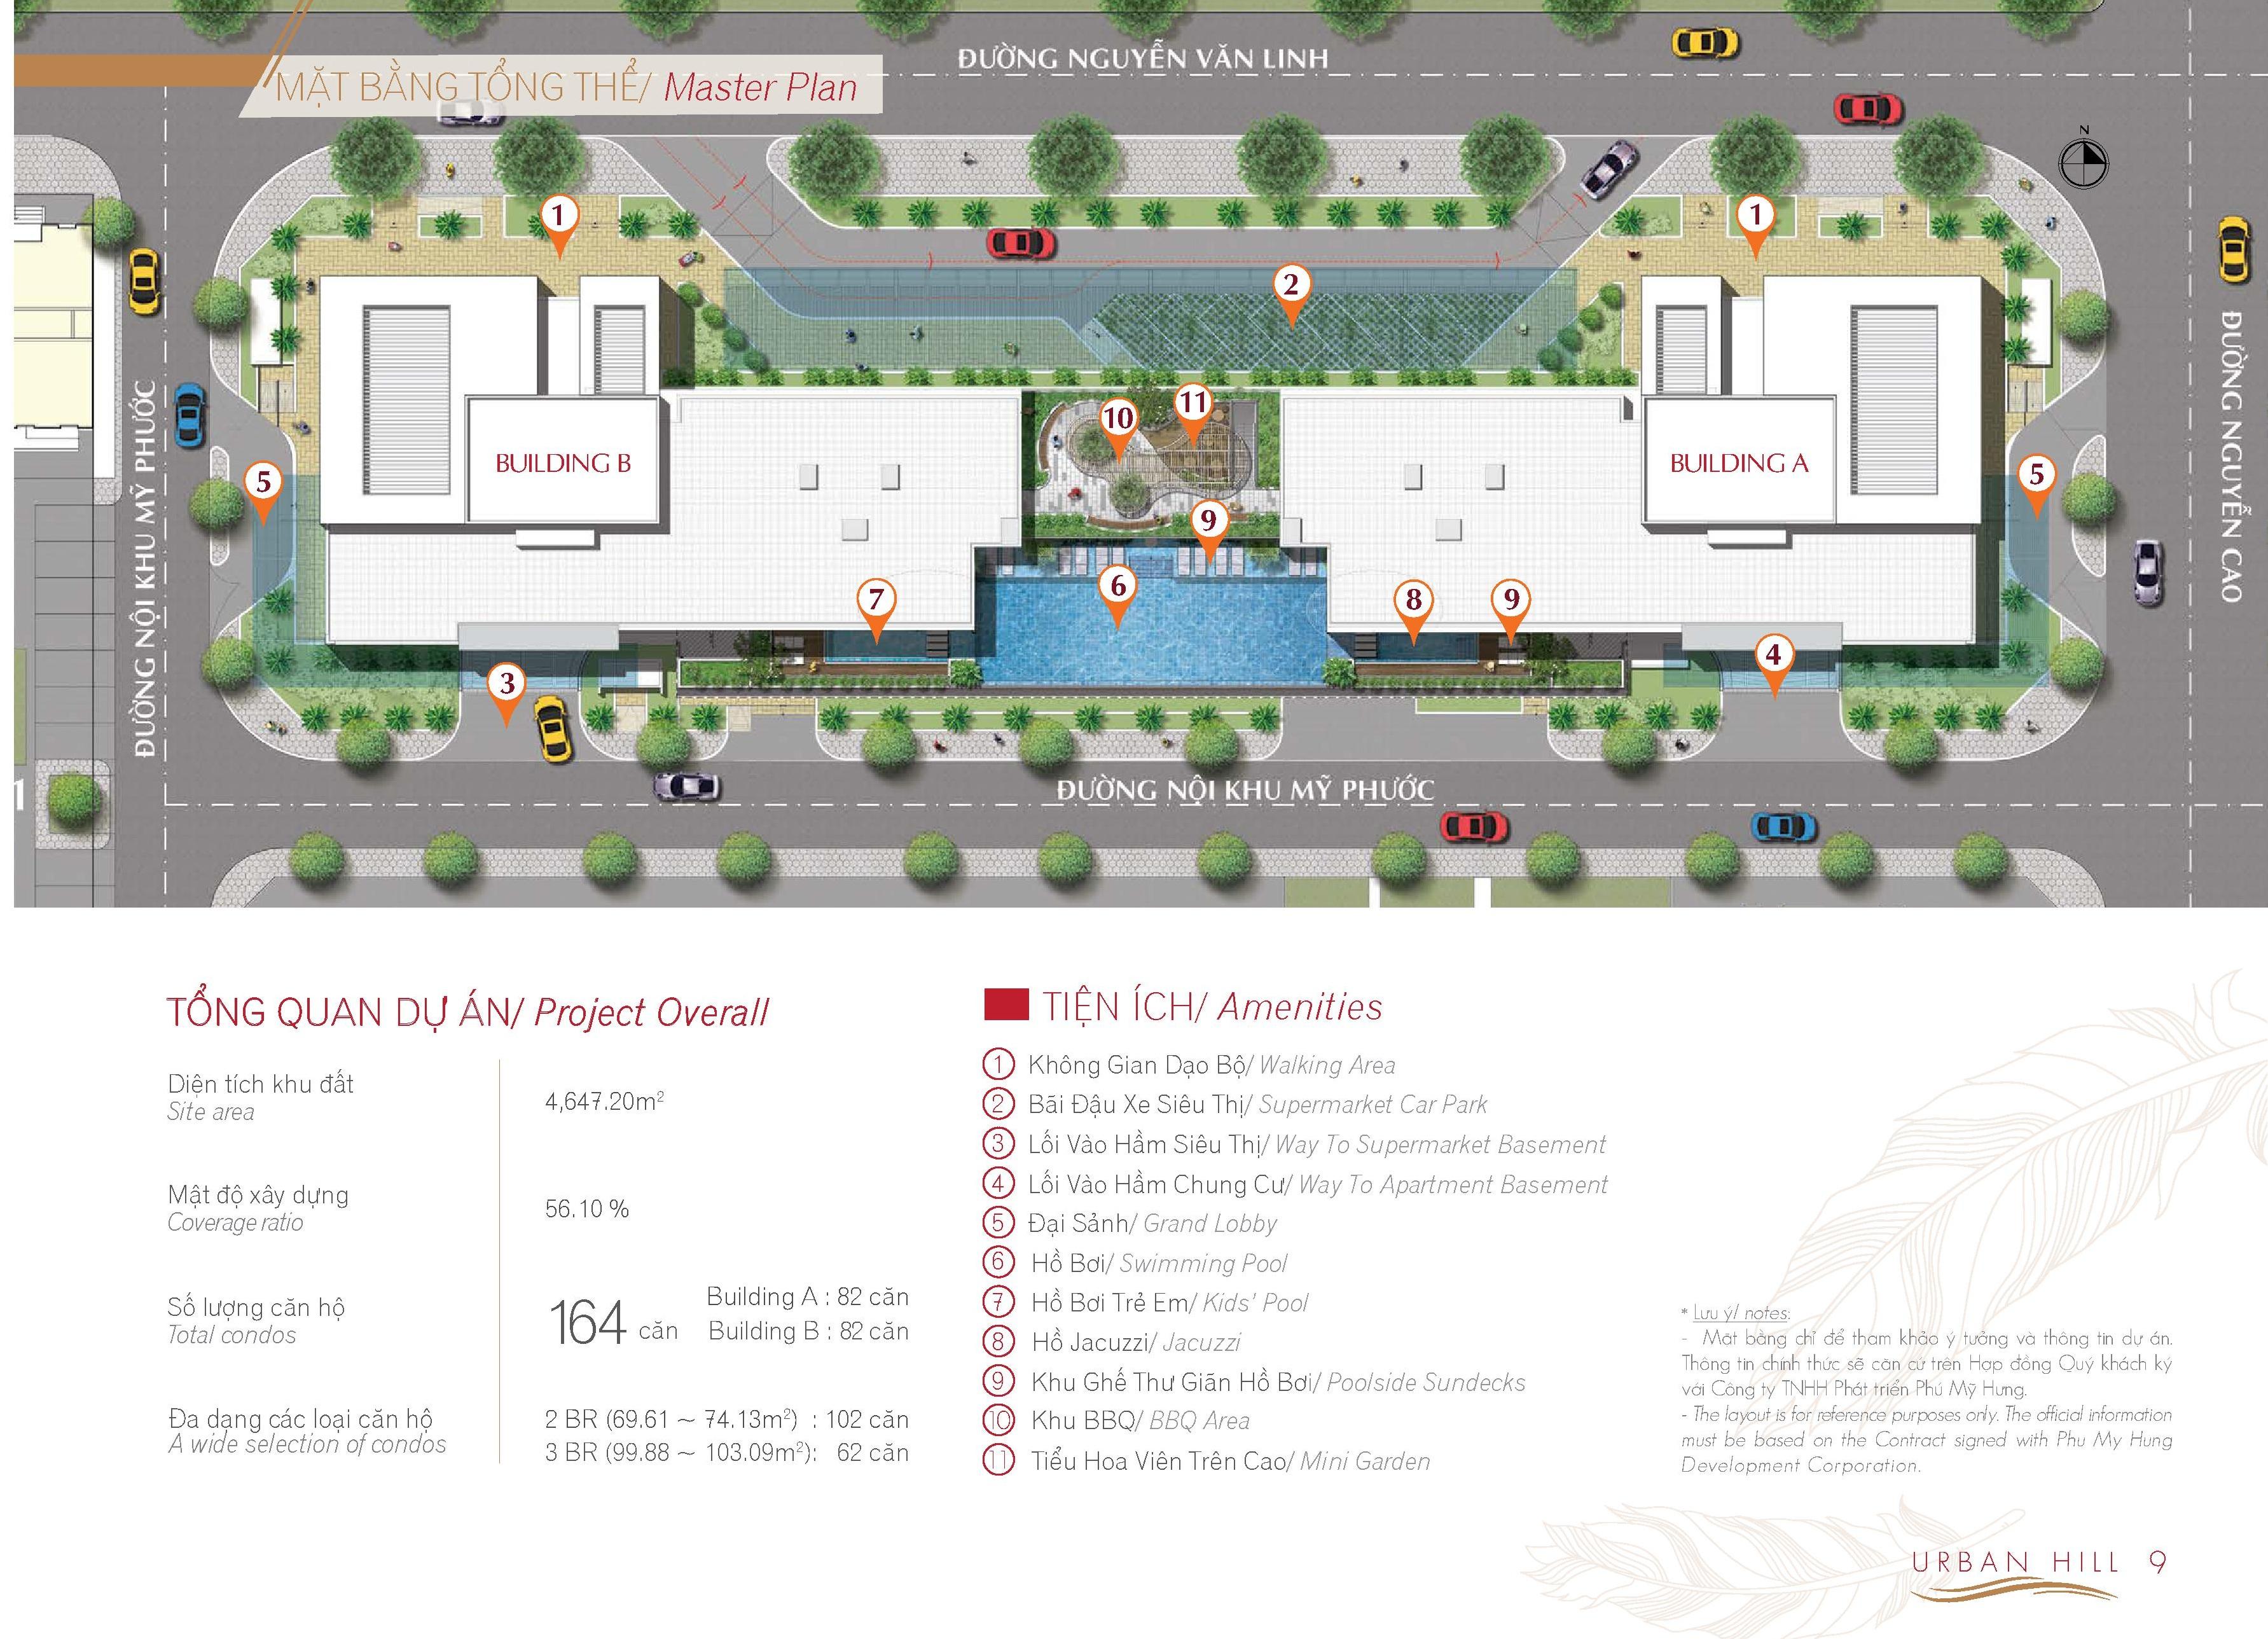 Urban Hill quận 7 - Căn hộ triển vọng nhất khu Cảnh Đồi Phú Mỹ Hưng. 1